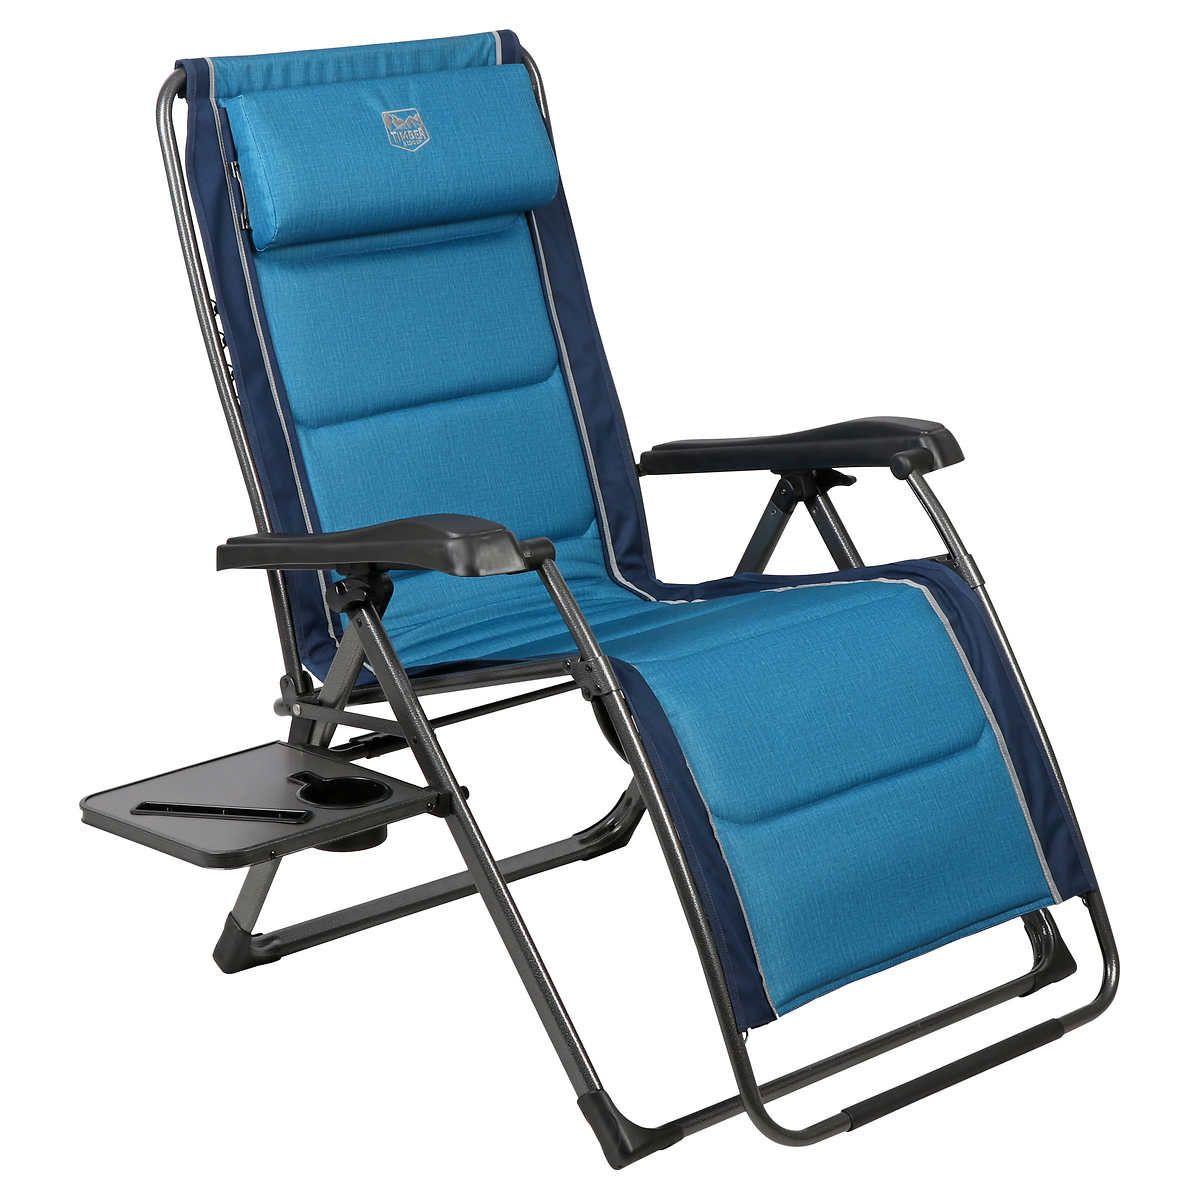 Timber Ridge Zero Gravity Lounger In 2020 Zero Gravity Chair